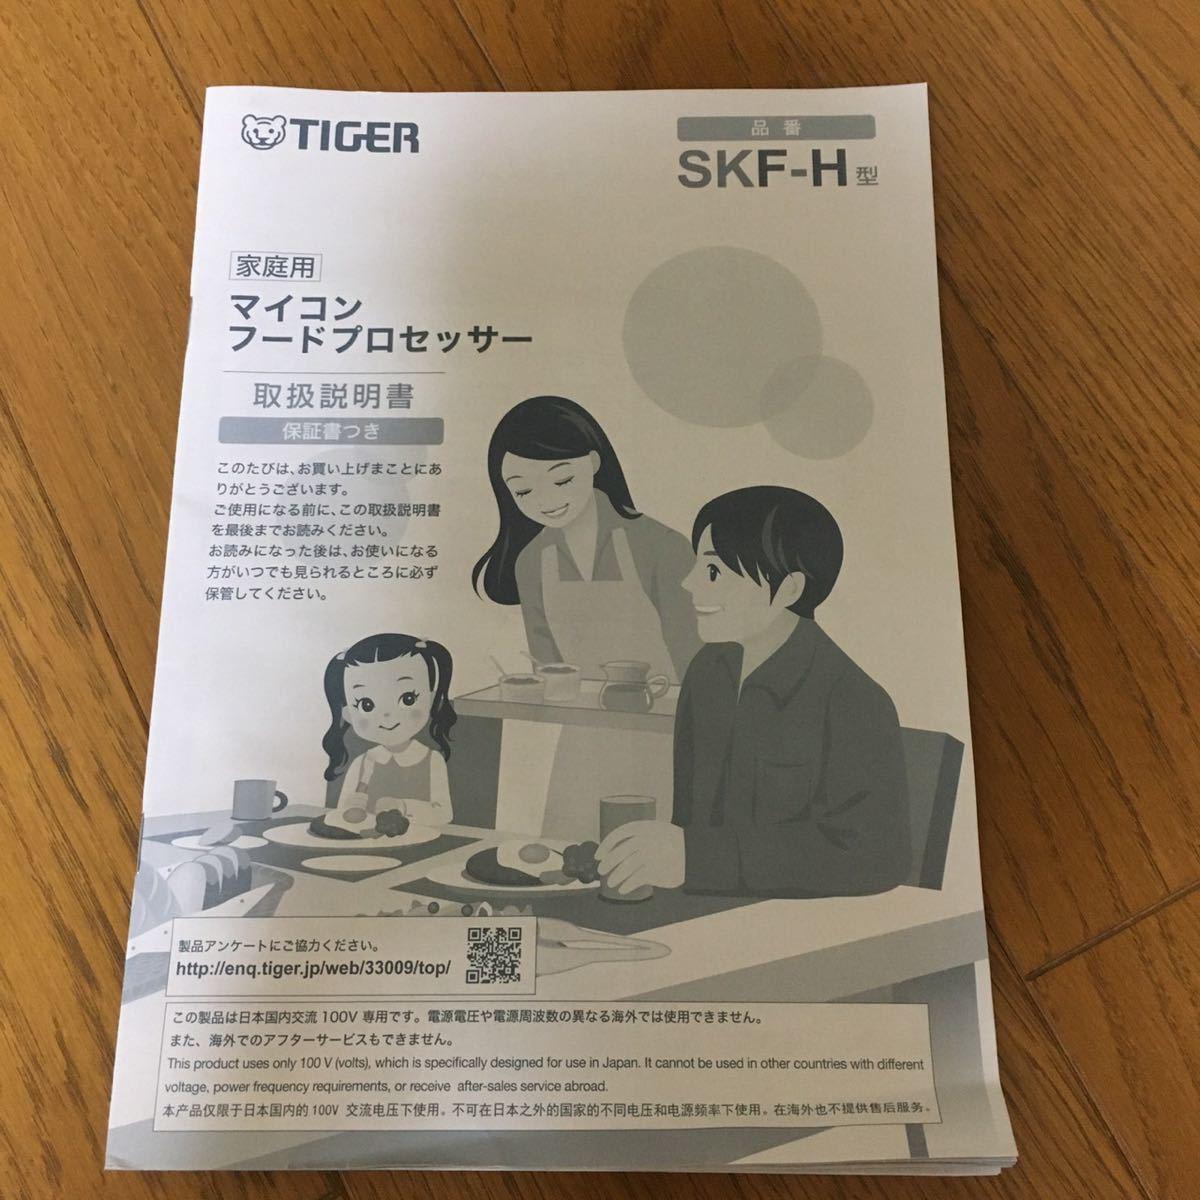 TIGER マイコンフードプロセッサー 説明書・レシピ本付き